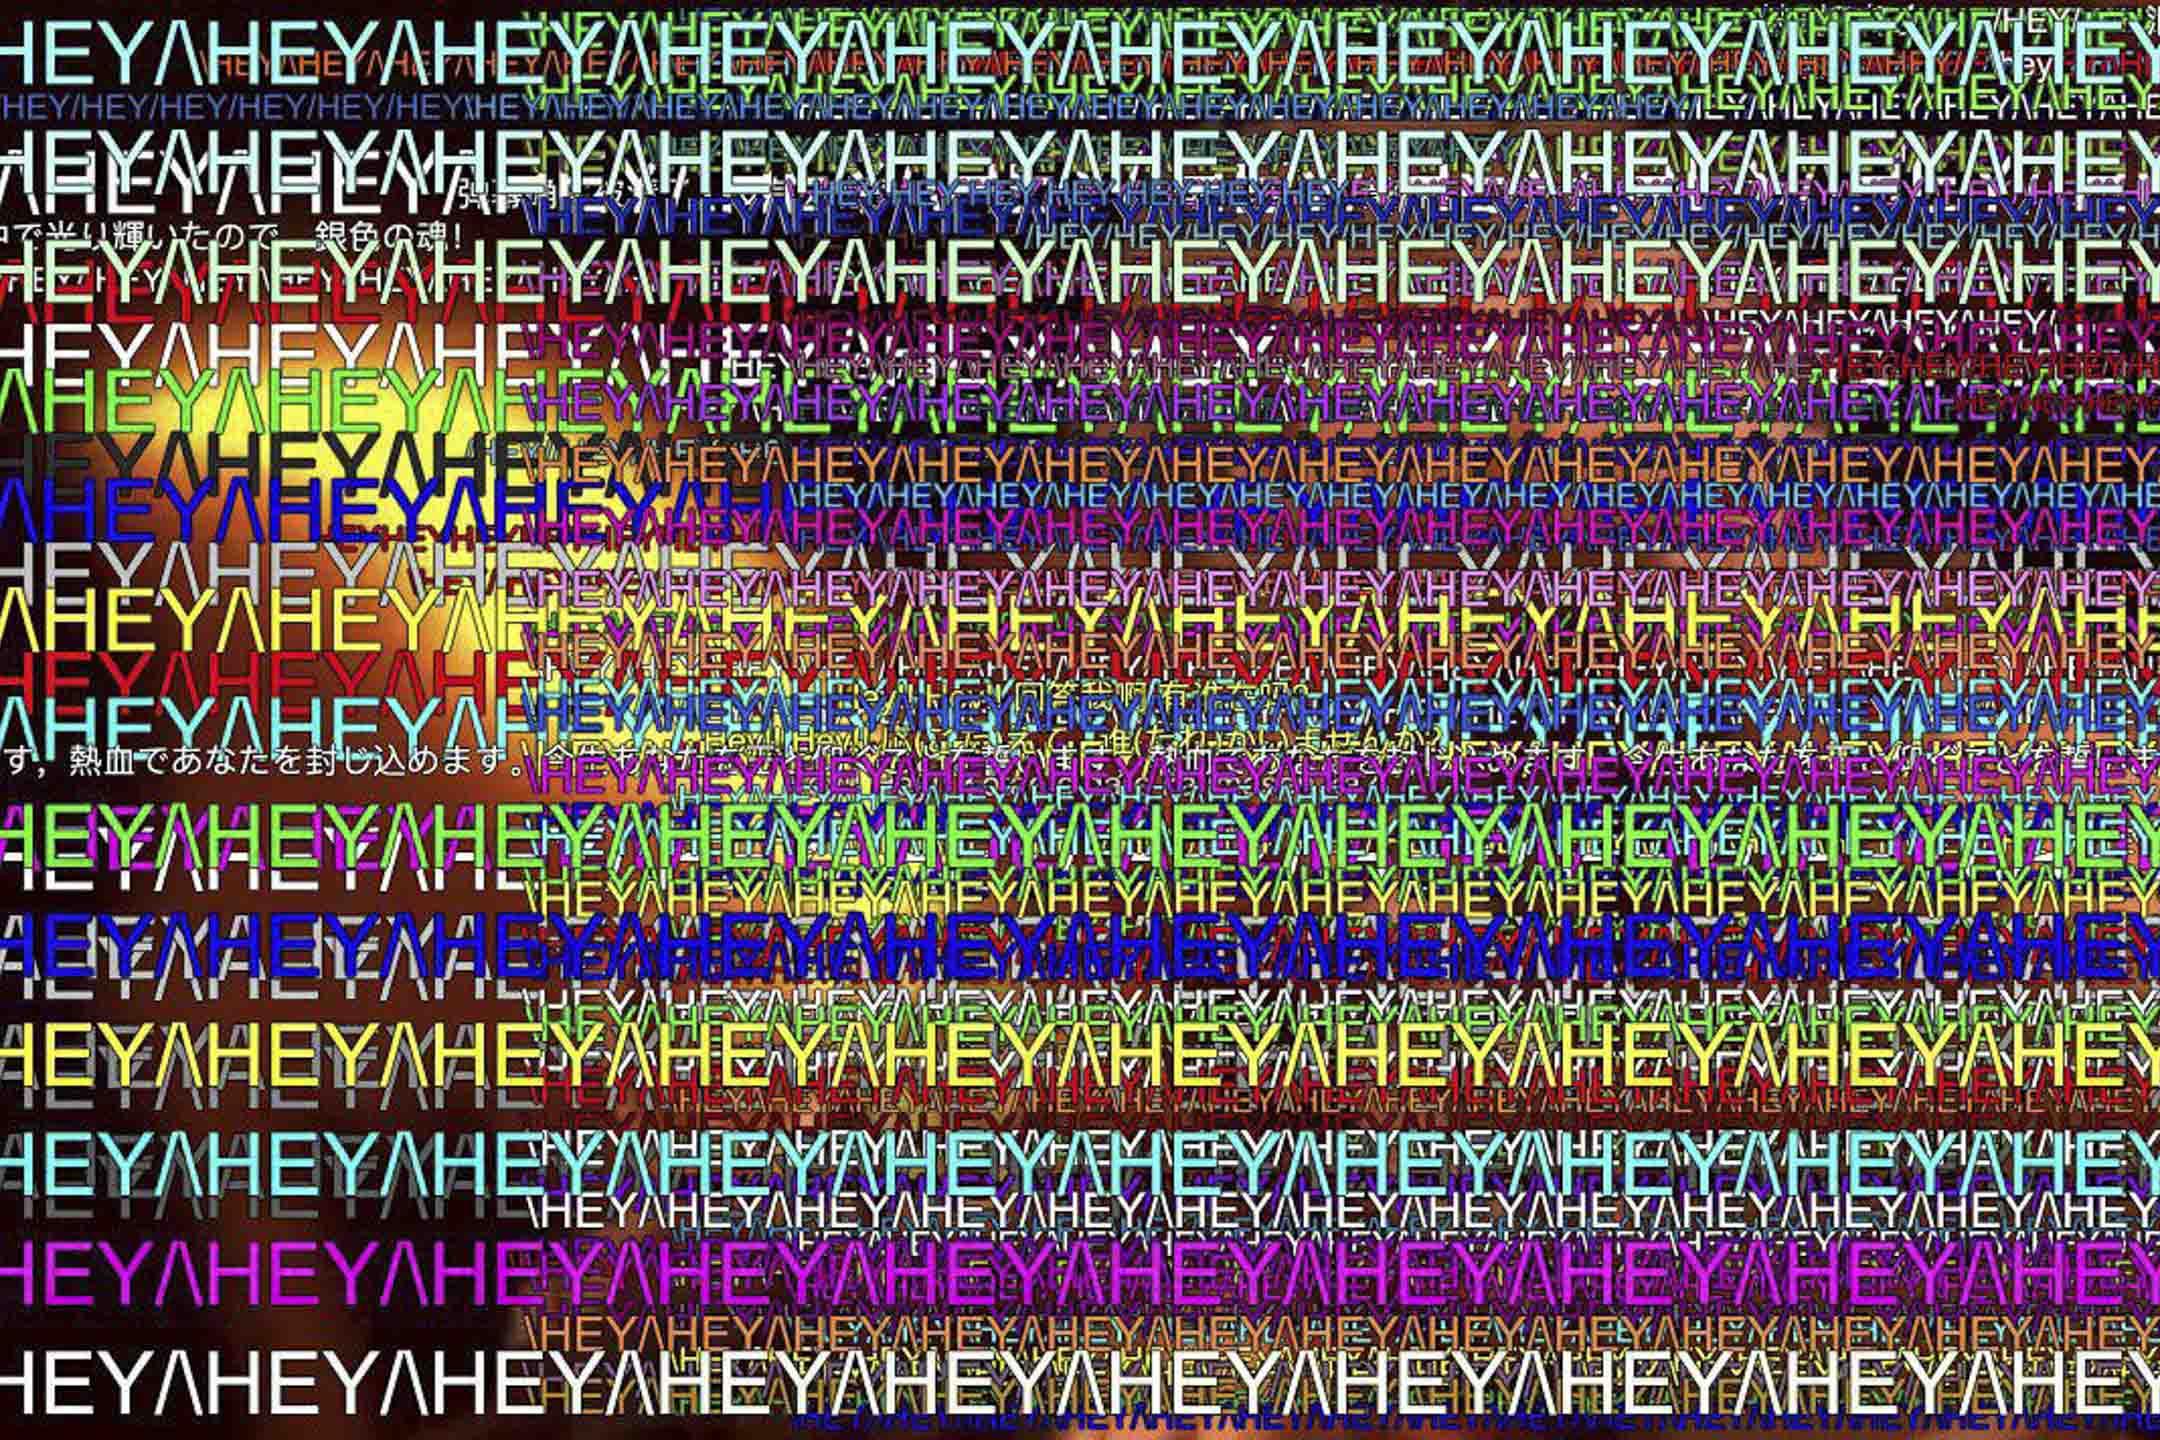 《武士之魂》「恐怖的彈幕」。副歌的歌詞以一句亢奮的「Hey!! Hey!!」開頭,彈幕裏大家齊刷刷地打出「\HEY/\HEY/」,好像演唱會現場揮舞着應援棒的粉絲,層層疊疊堆滿了屏幕。 影片截圖